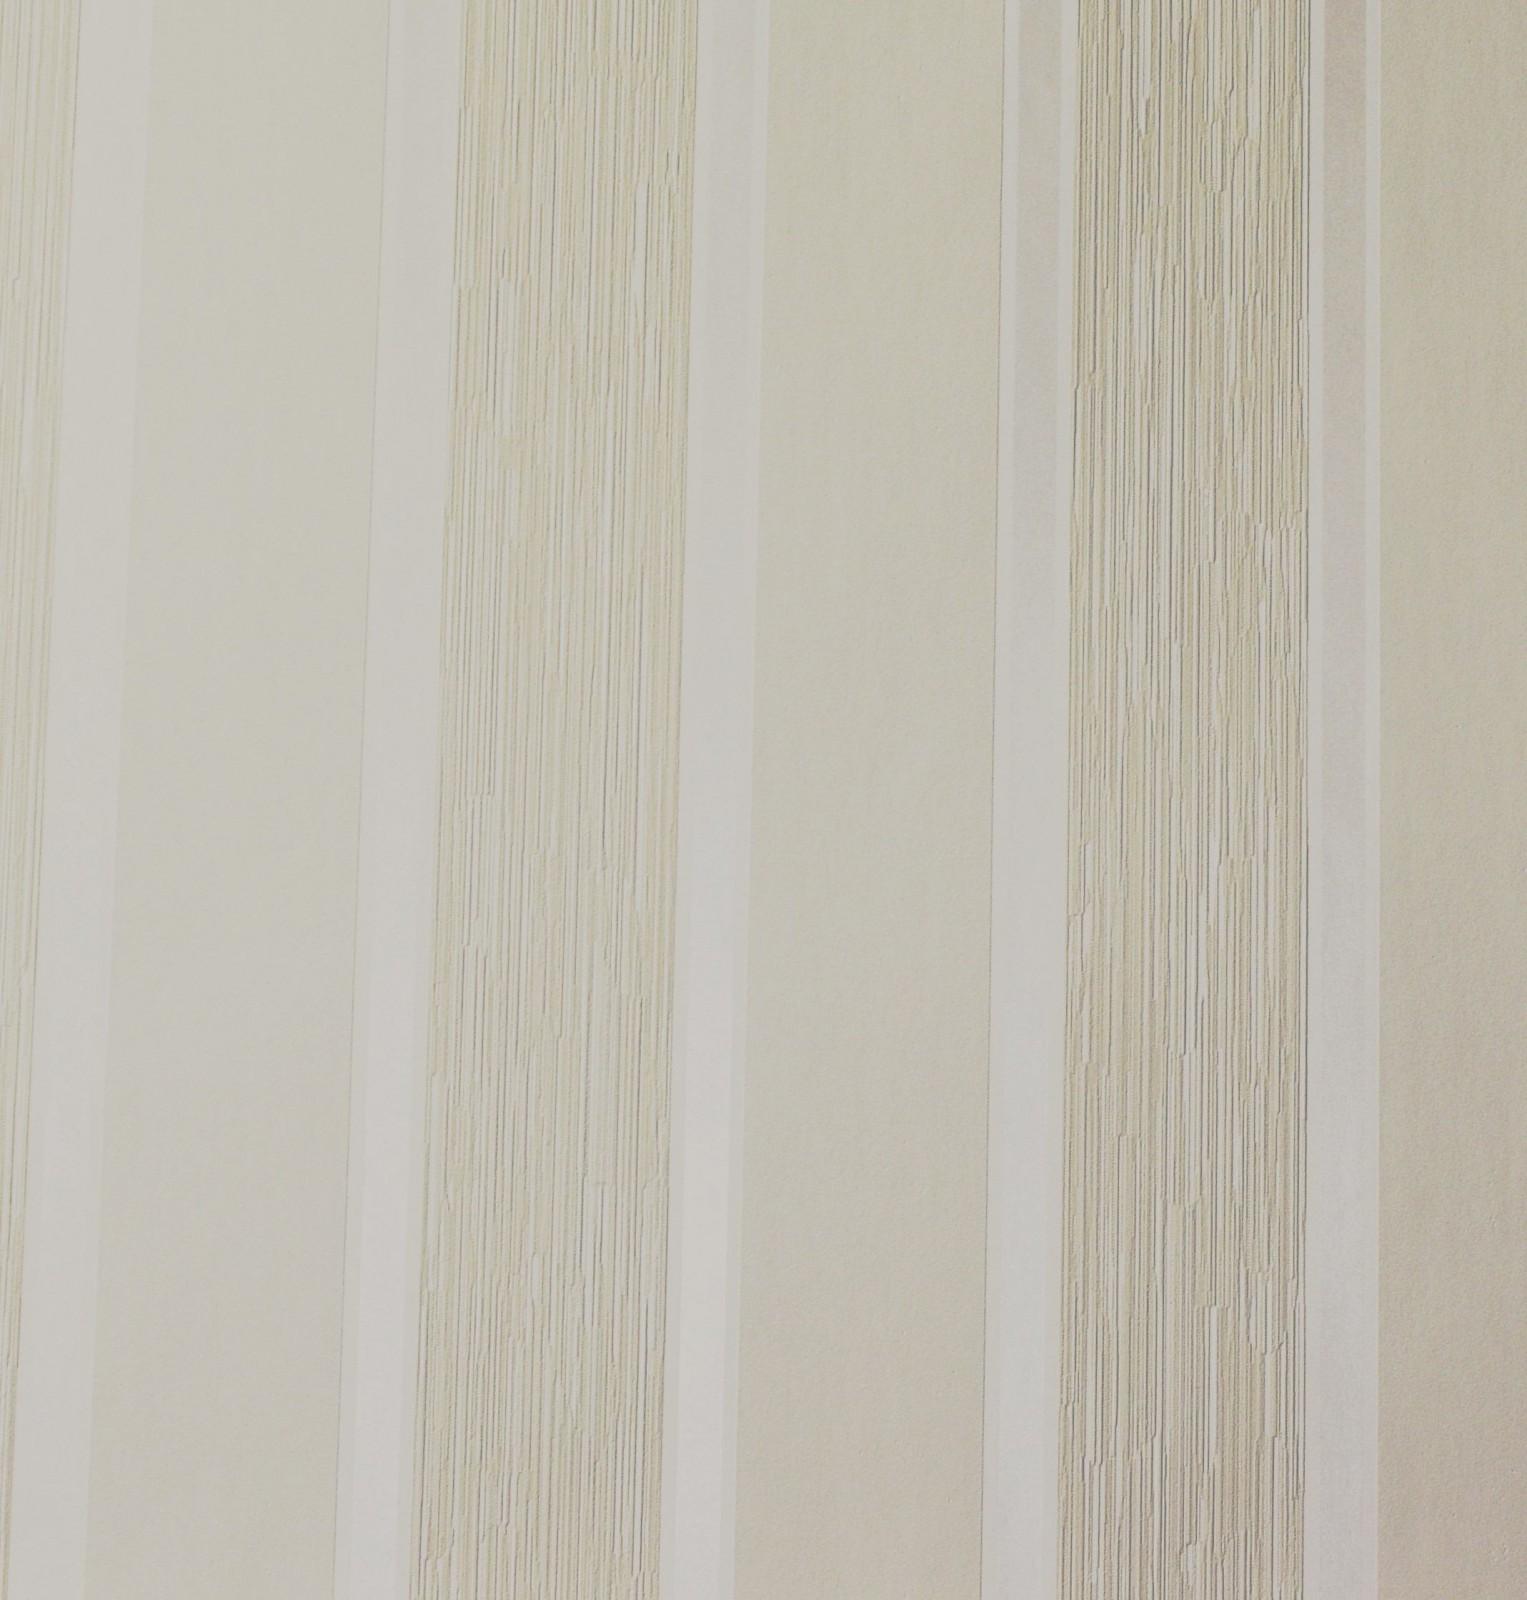 vliestapete at home marburg tapete streifen 51716 beige. Black Bedroom Furniture Sets. Home Design Ideas